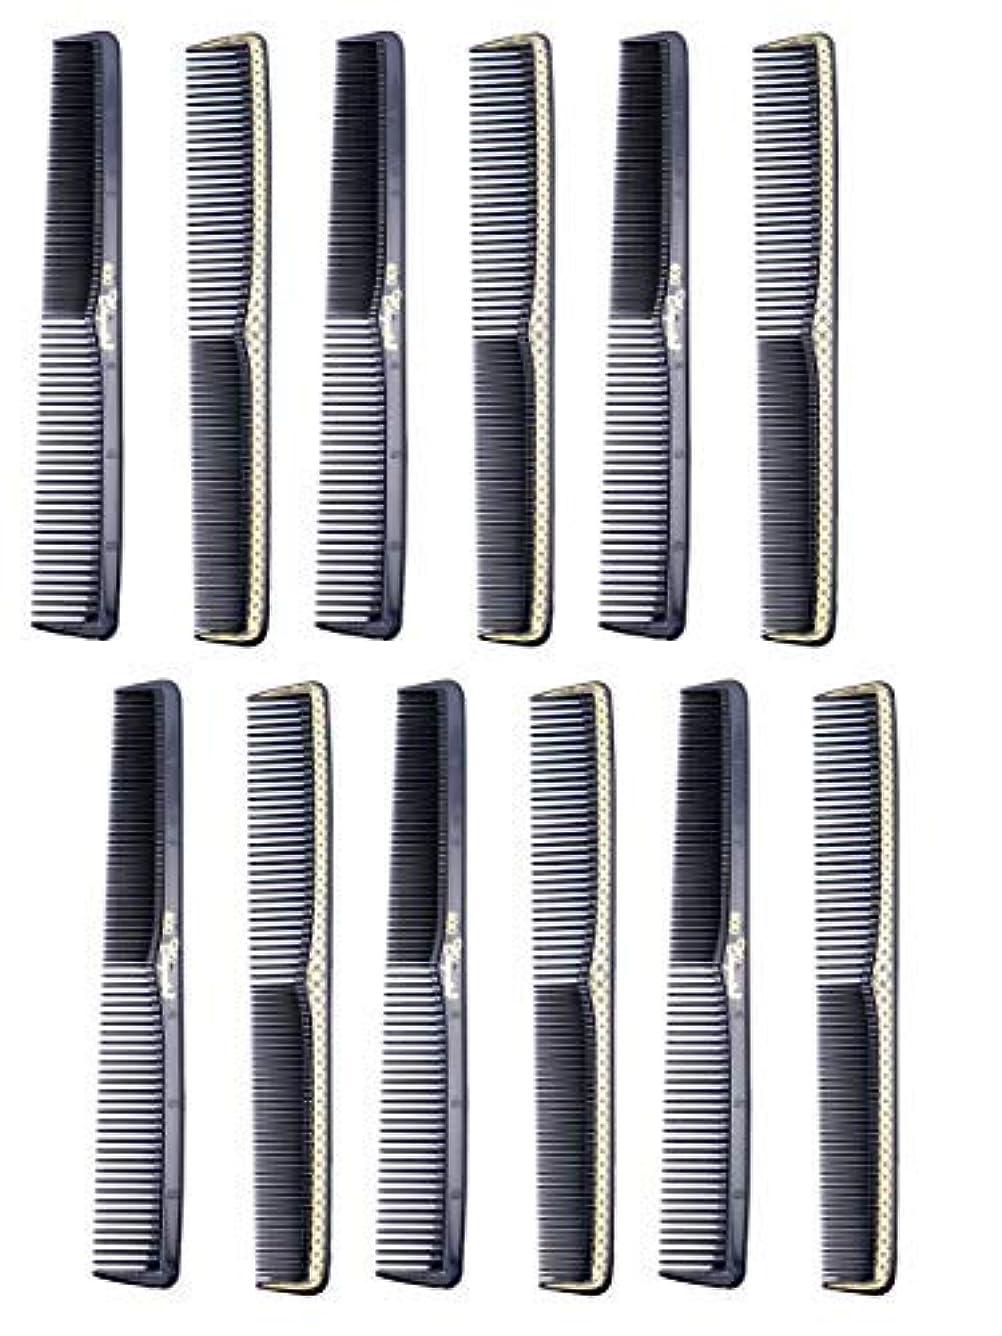 所属近傍露骨な7 inch All Purpose Hair Comb. Hair Cutting Combs. Barber's & Hairstylist Combs. Black With Gold. 12 Units. [並行輸入品]